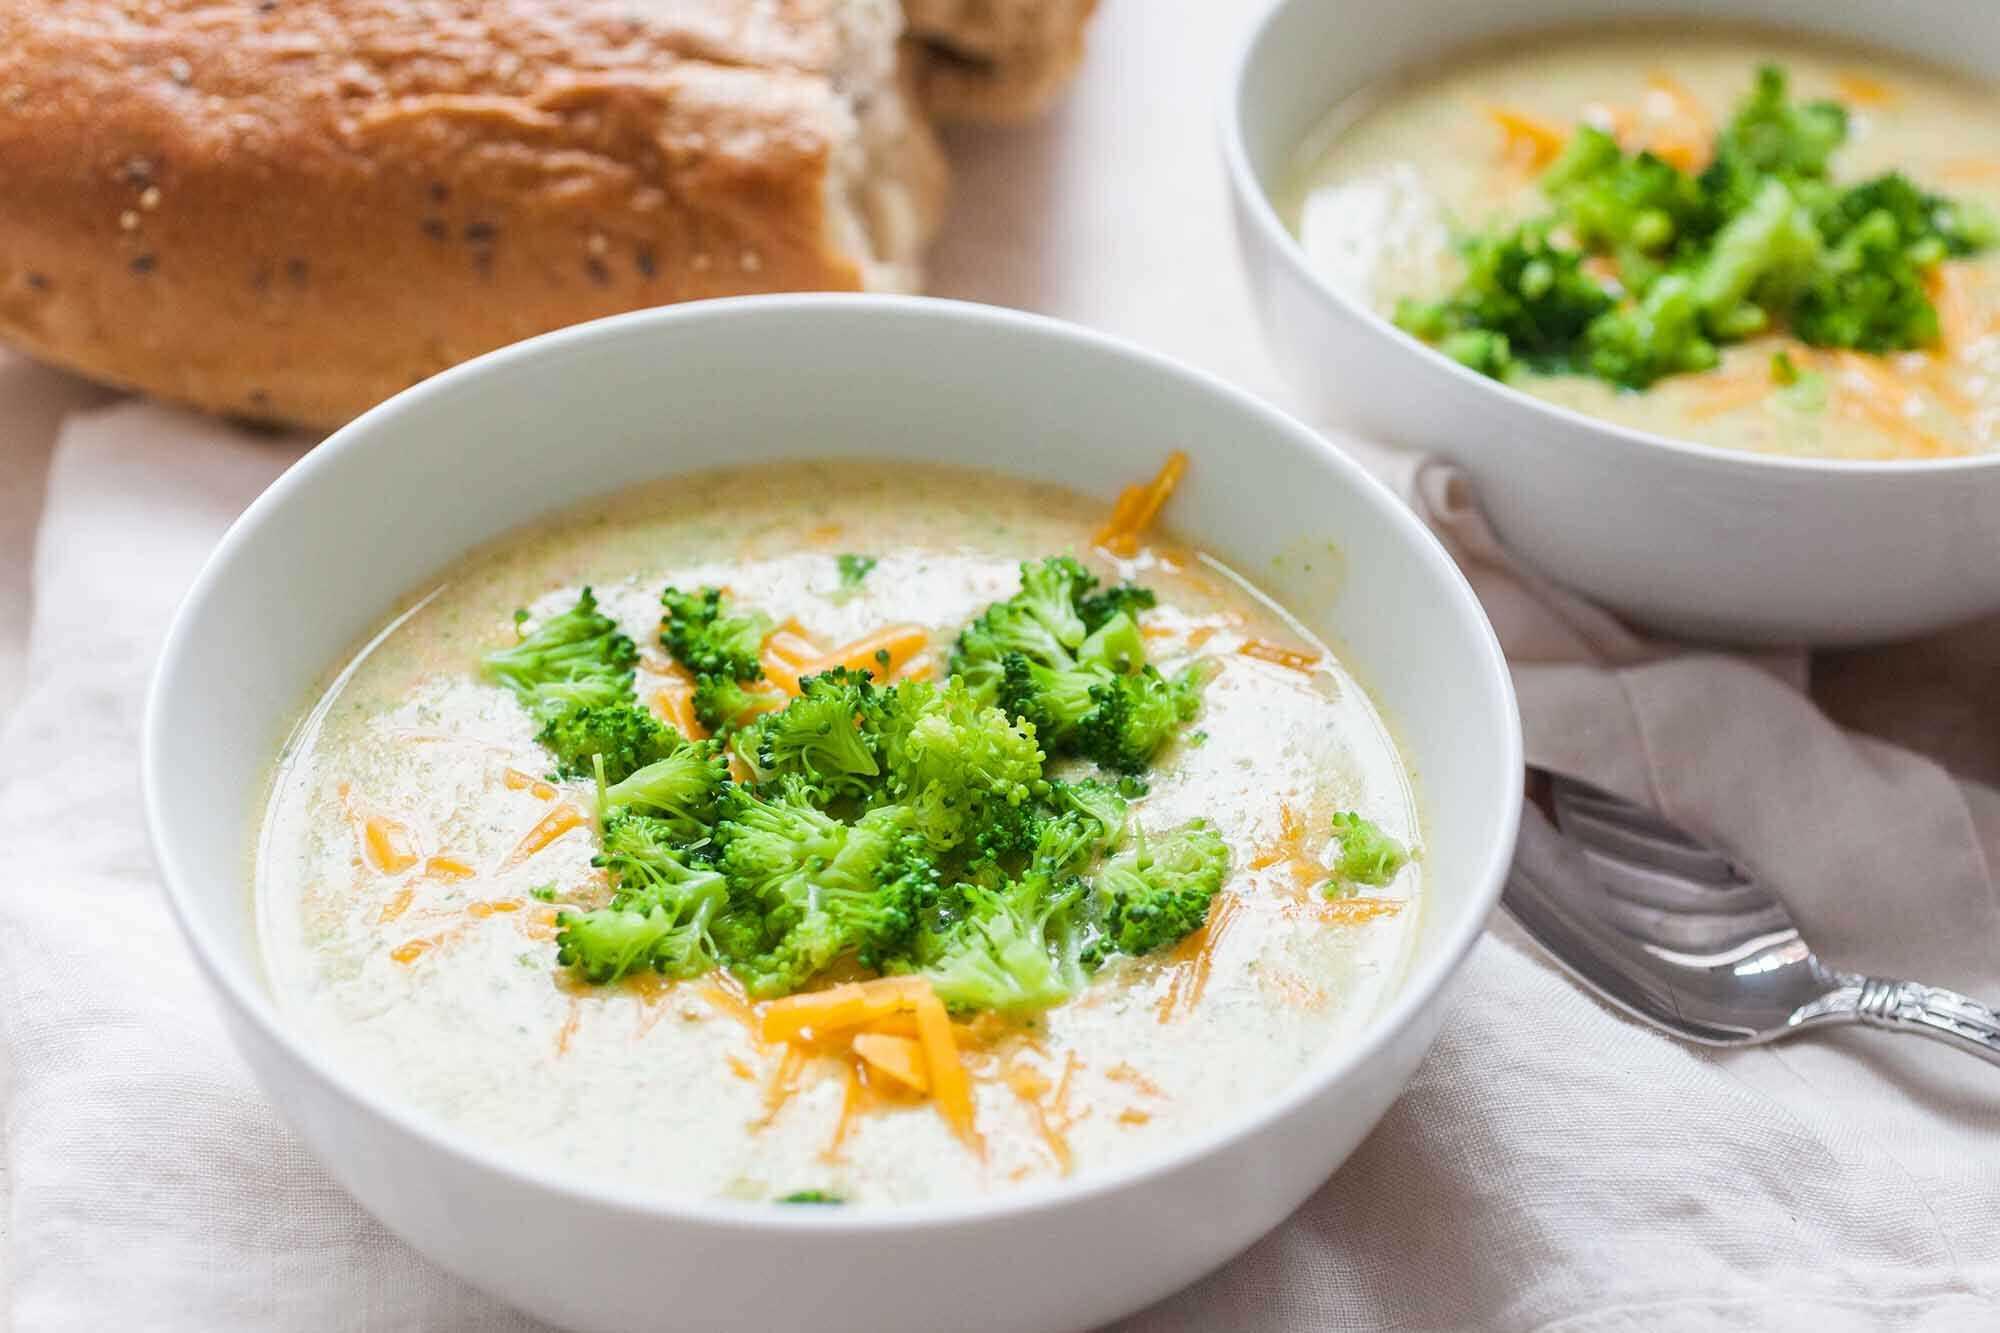 Sopa vegetariana de brócoli y queso cheddar dos cuencos y una cuchara